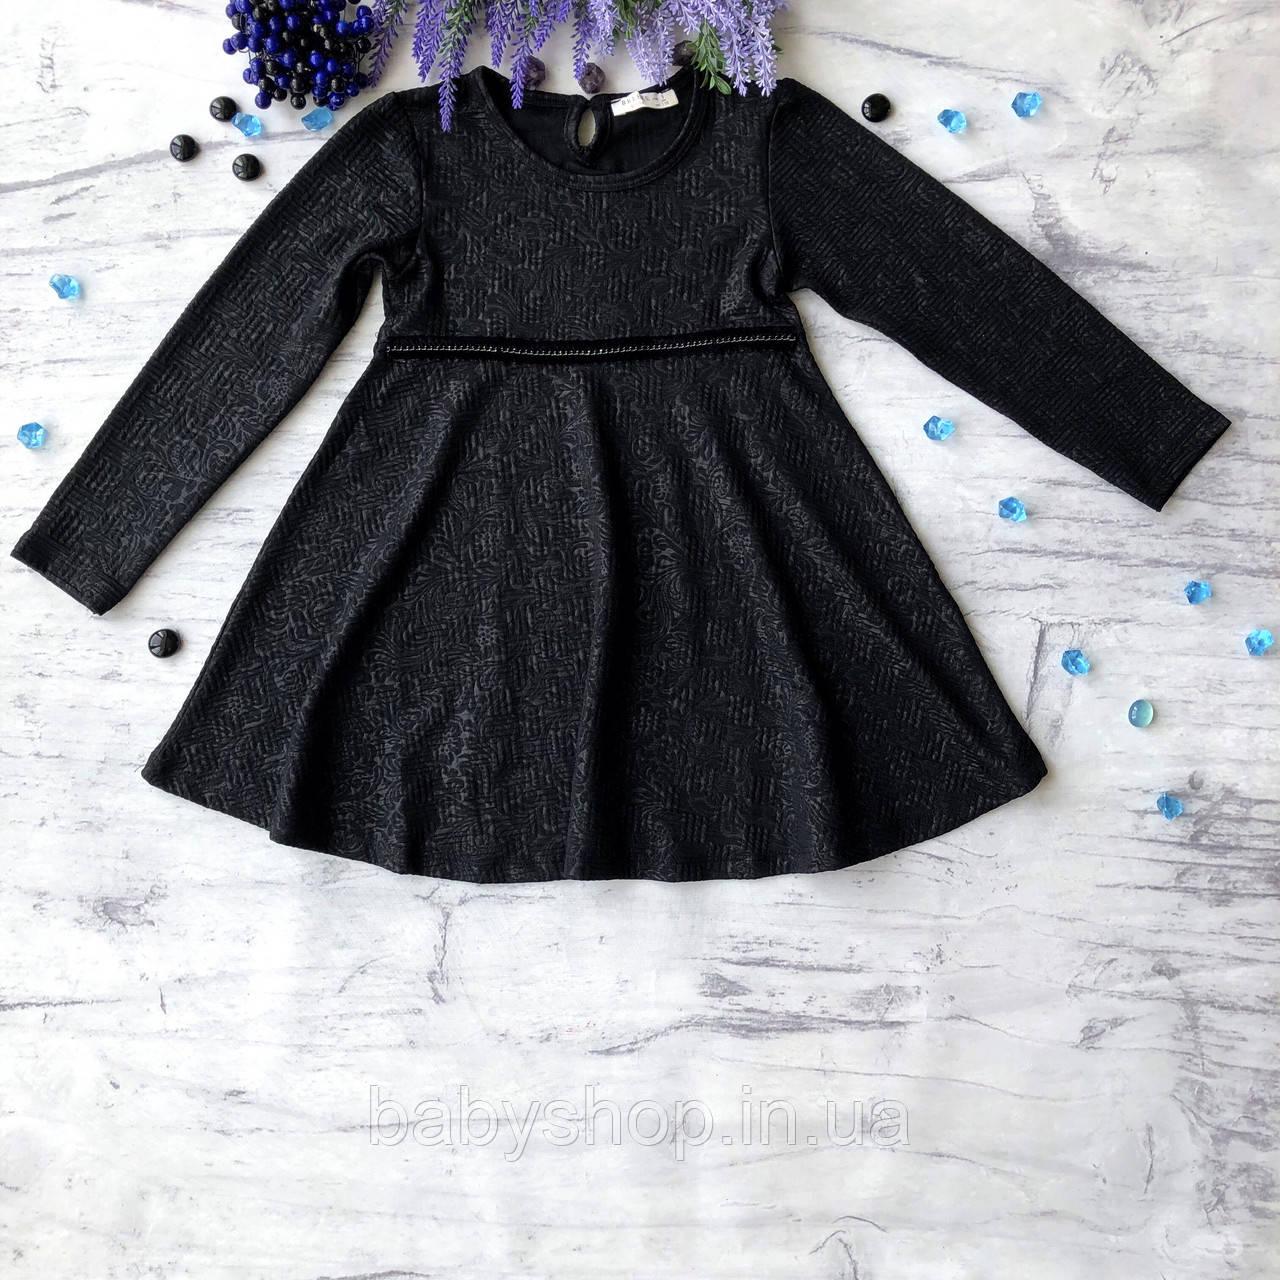 Детское черное платье Breeze для девочки 172. Размер 110 см, 116 см (6 лет), 128 см (8лет), 134 см, 140 см